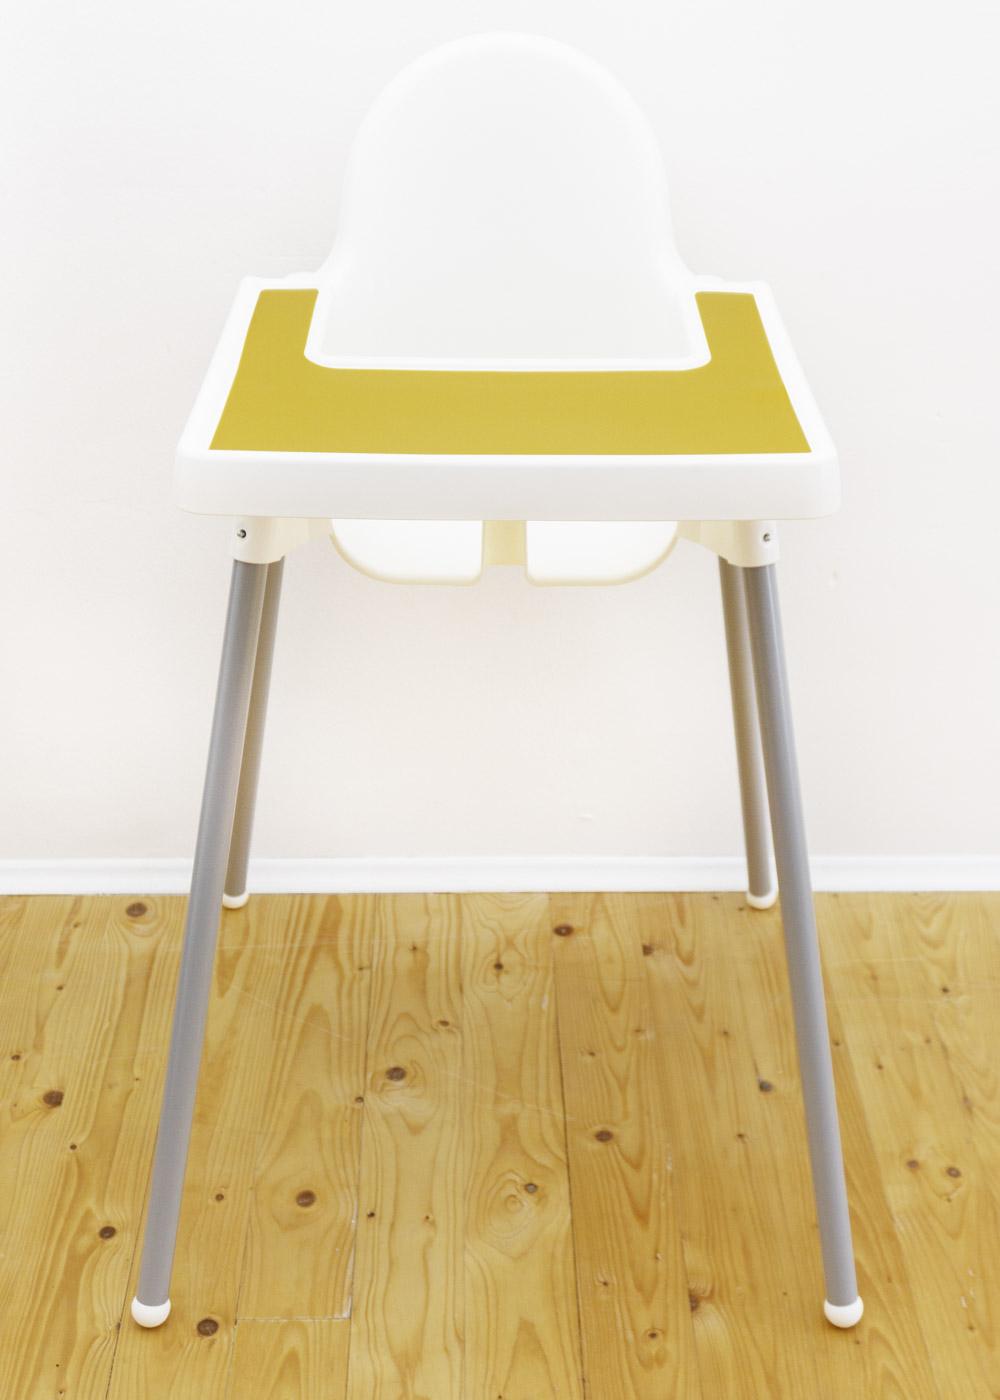 Silikonmatte Ikea Antilop Hochstuhl Klecka Mat senf Gesamtansicht